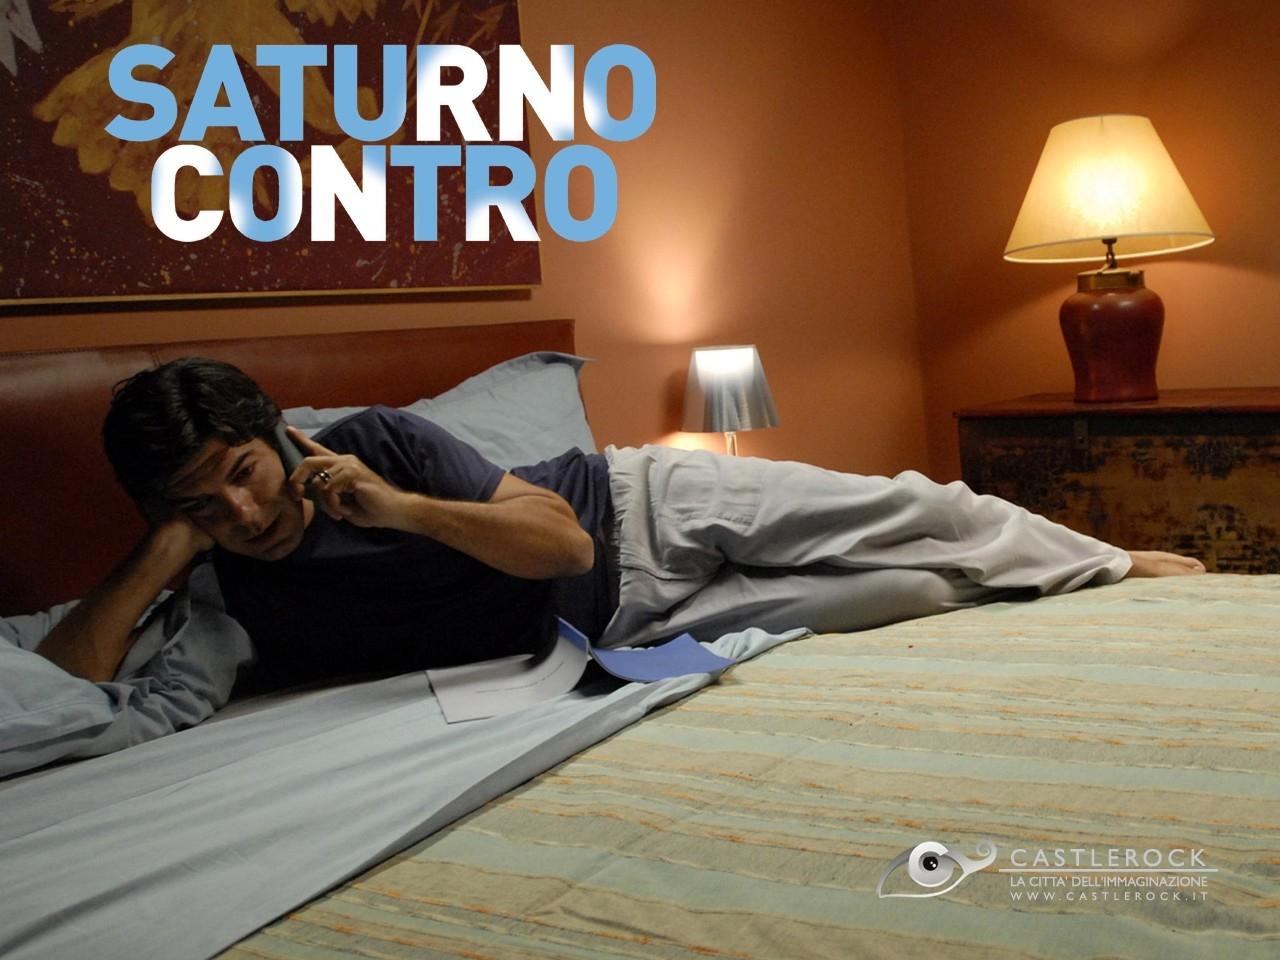 Wallpaper del film Saturno contro con Pierfrancesco Favino